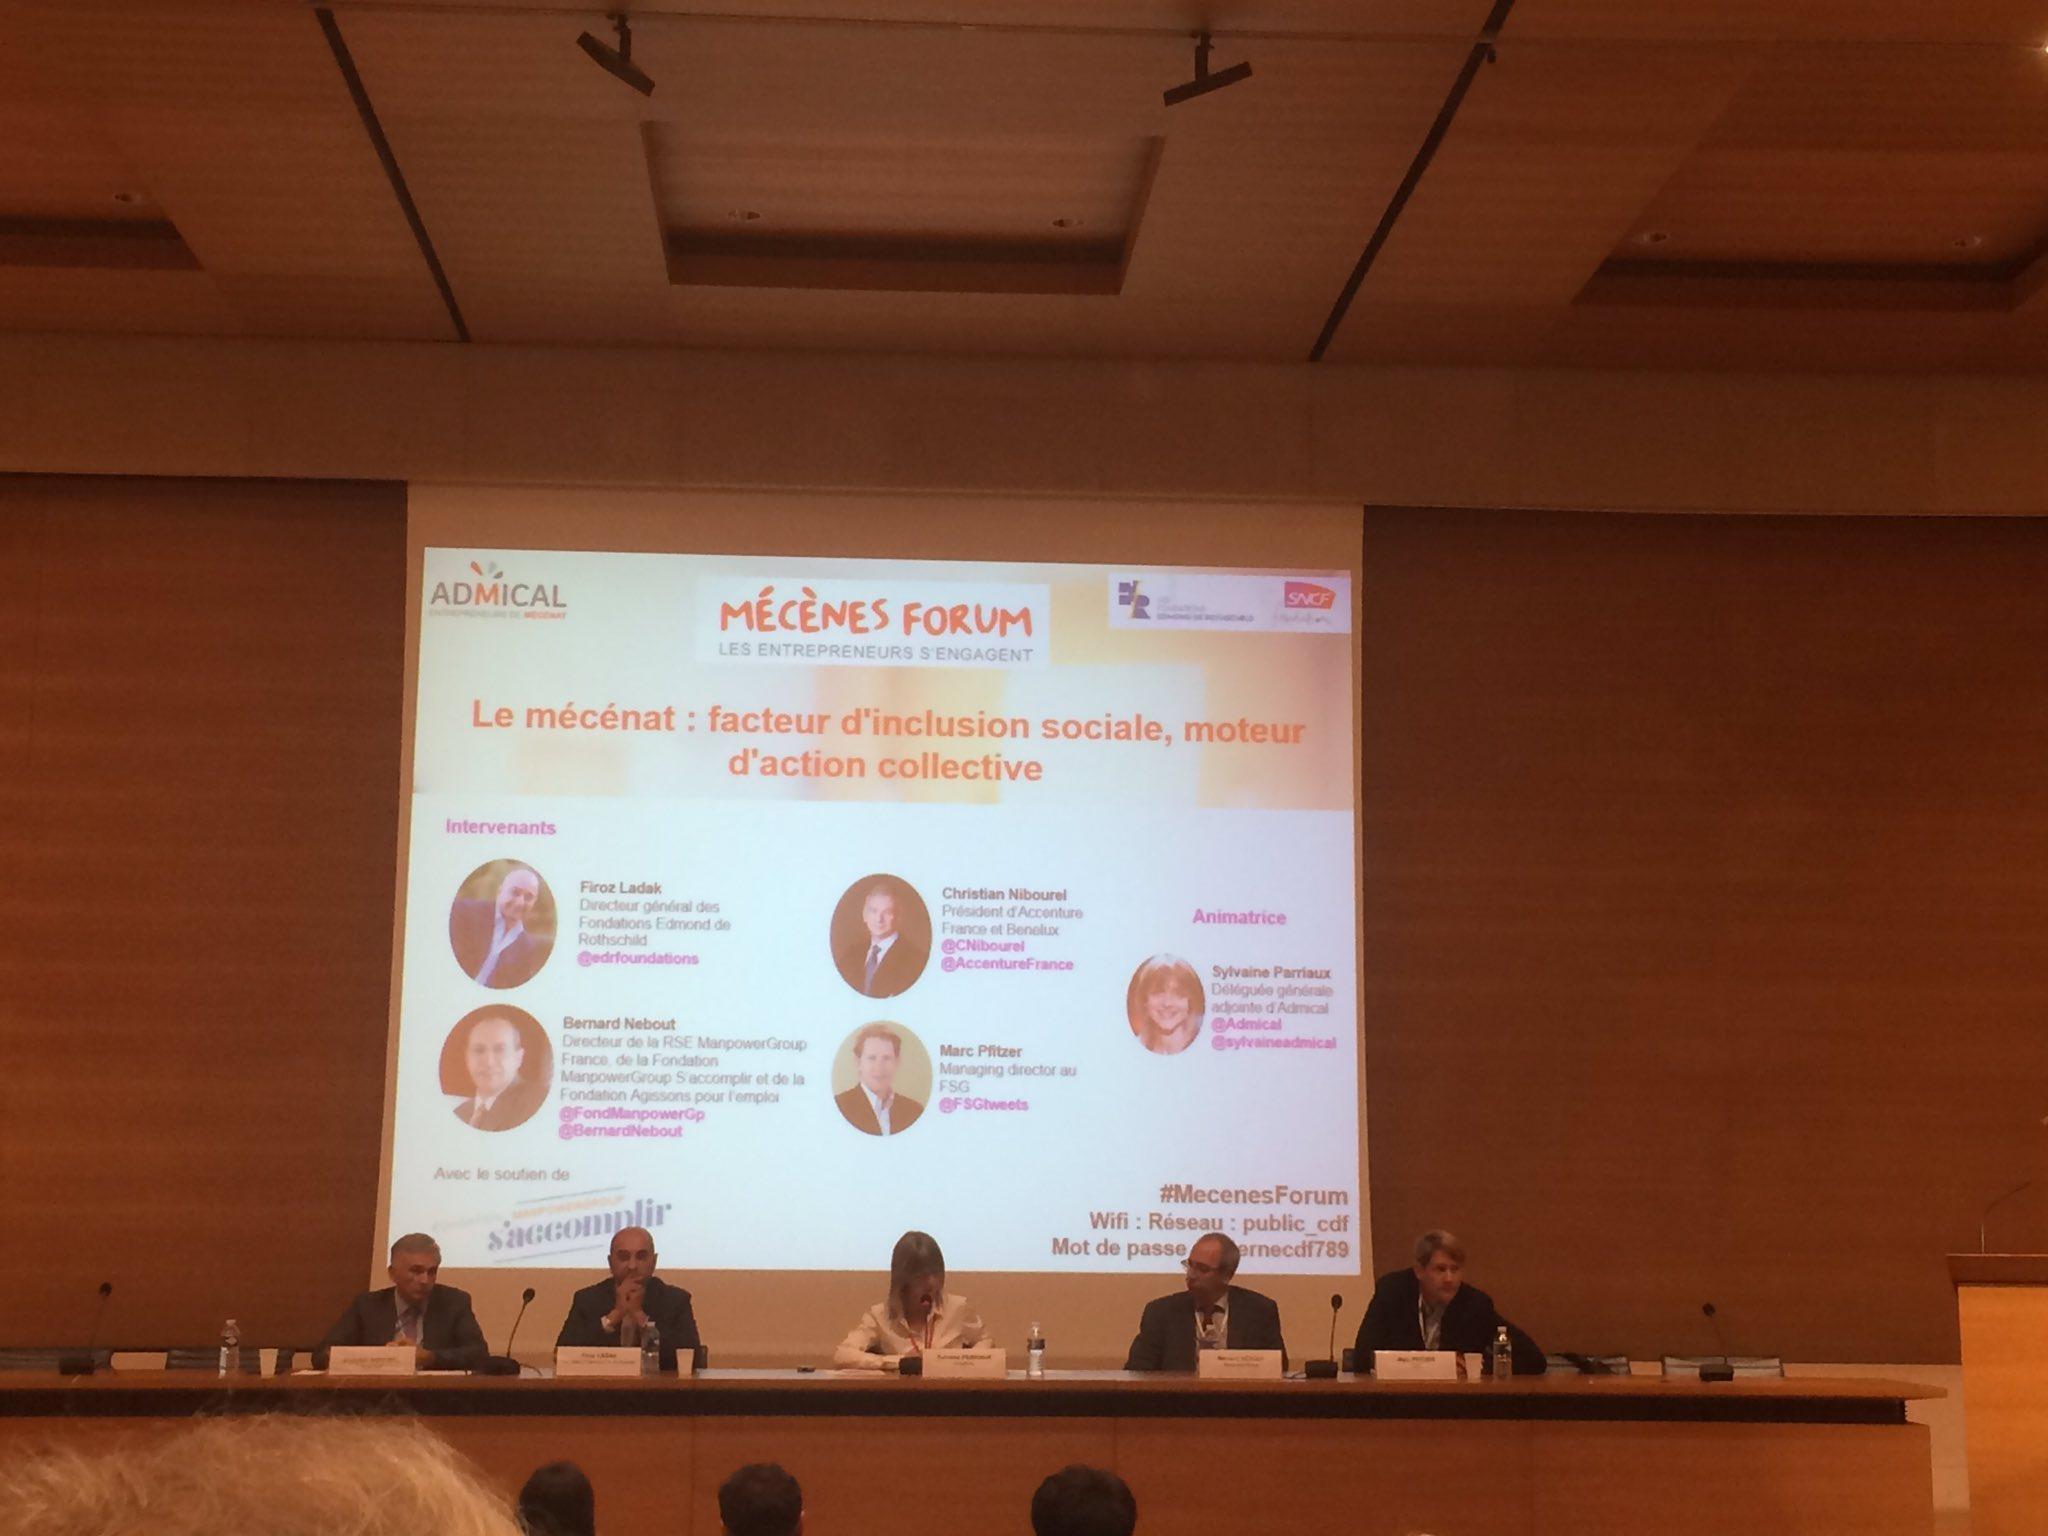 Conférence sur le Mecenat comme facteur d'inclusion sociale et moteur d'action collective. #MecenesForum https://t.co/cSQMissYwd